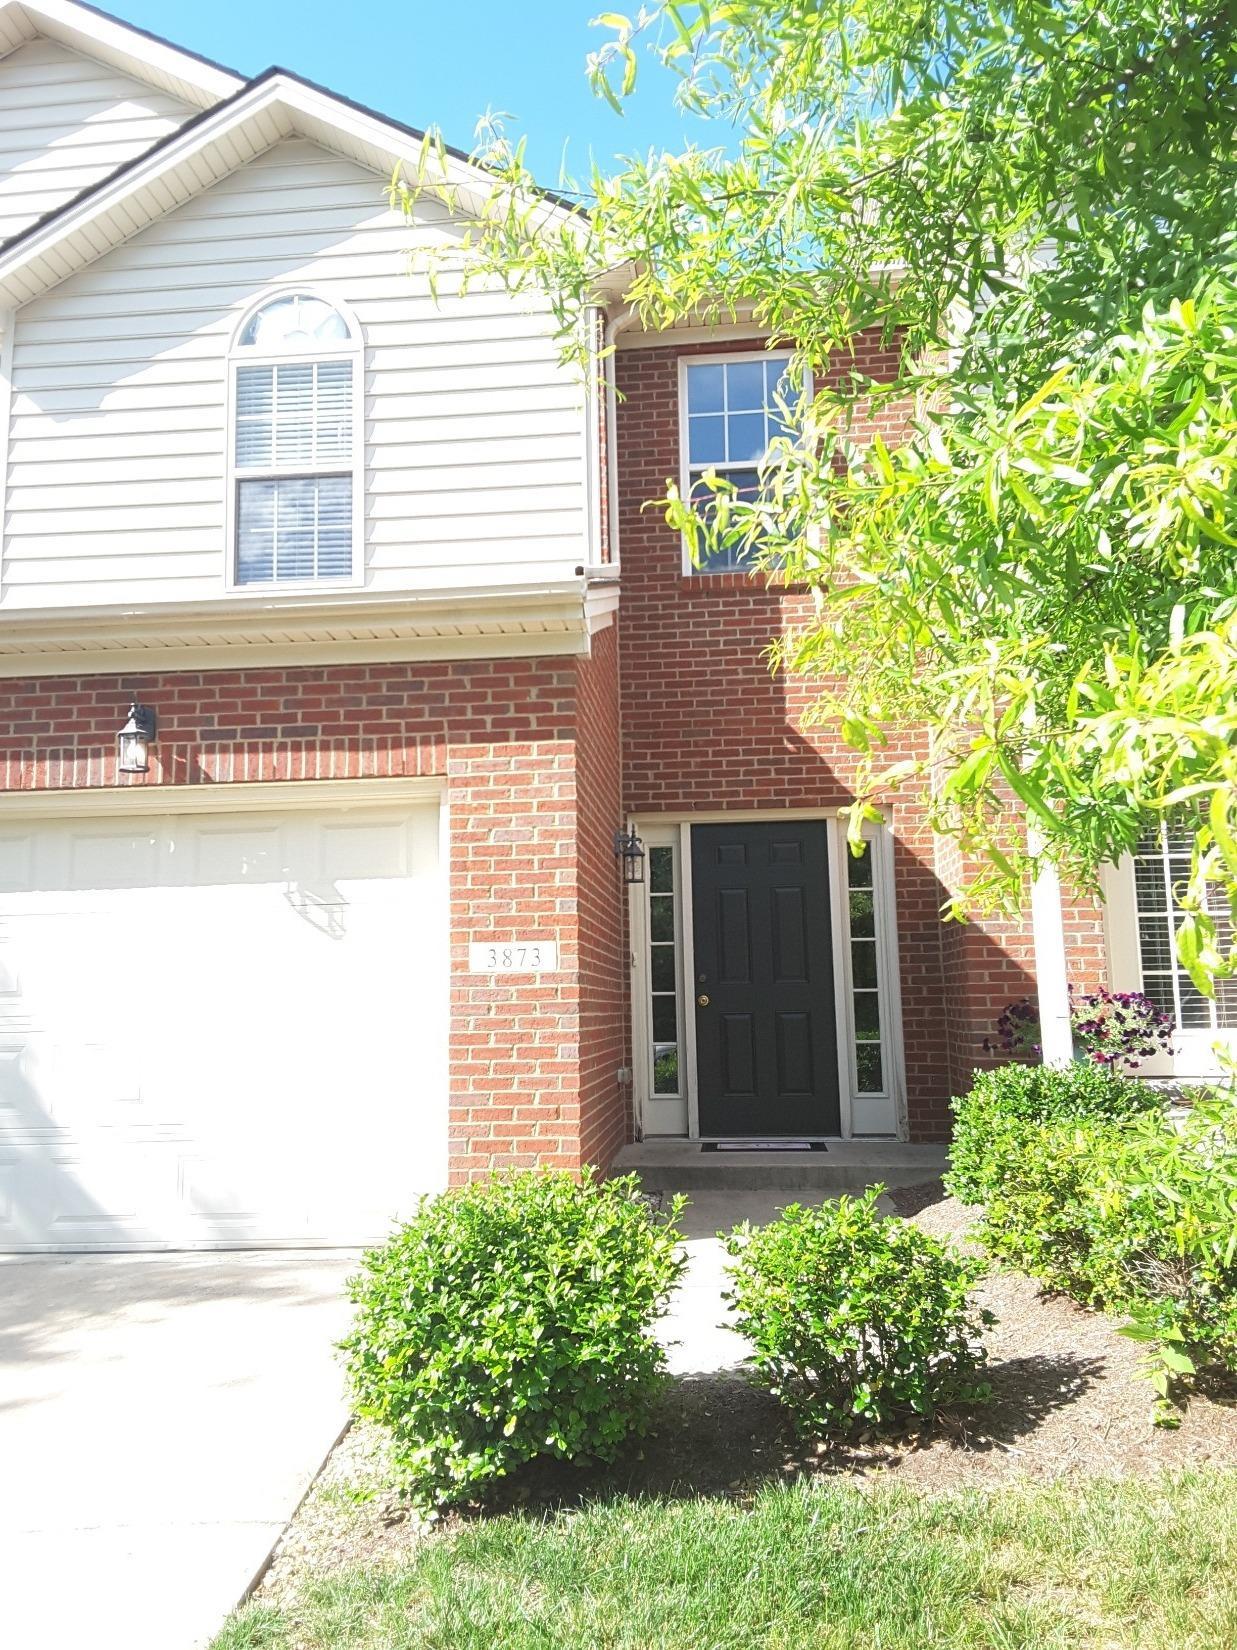 3873 Dylan, Lexington, KY 40514